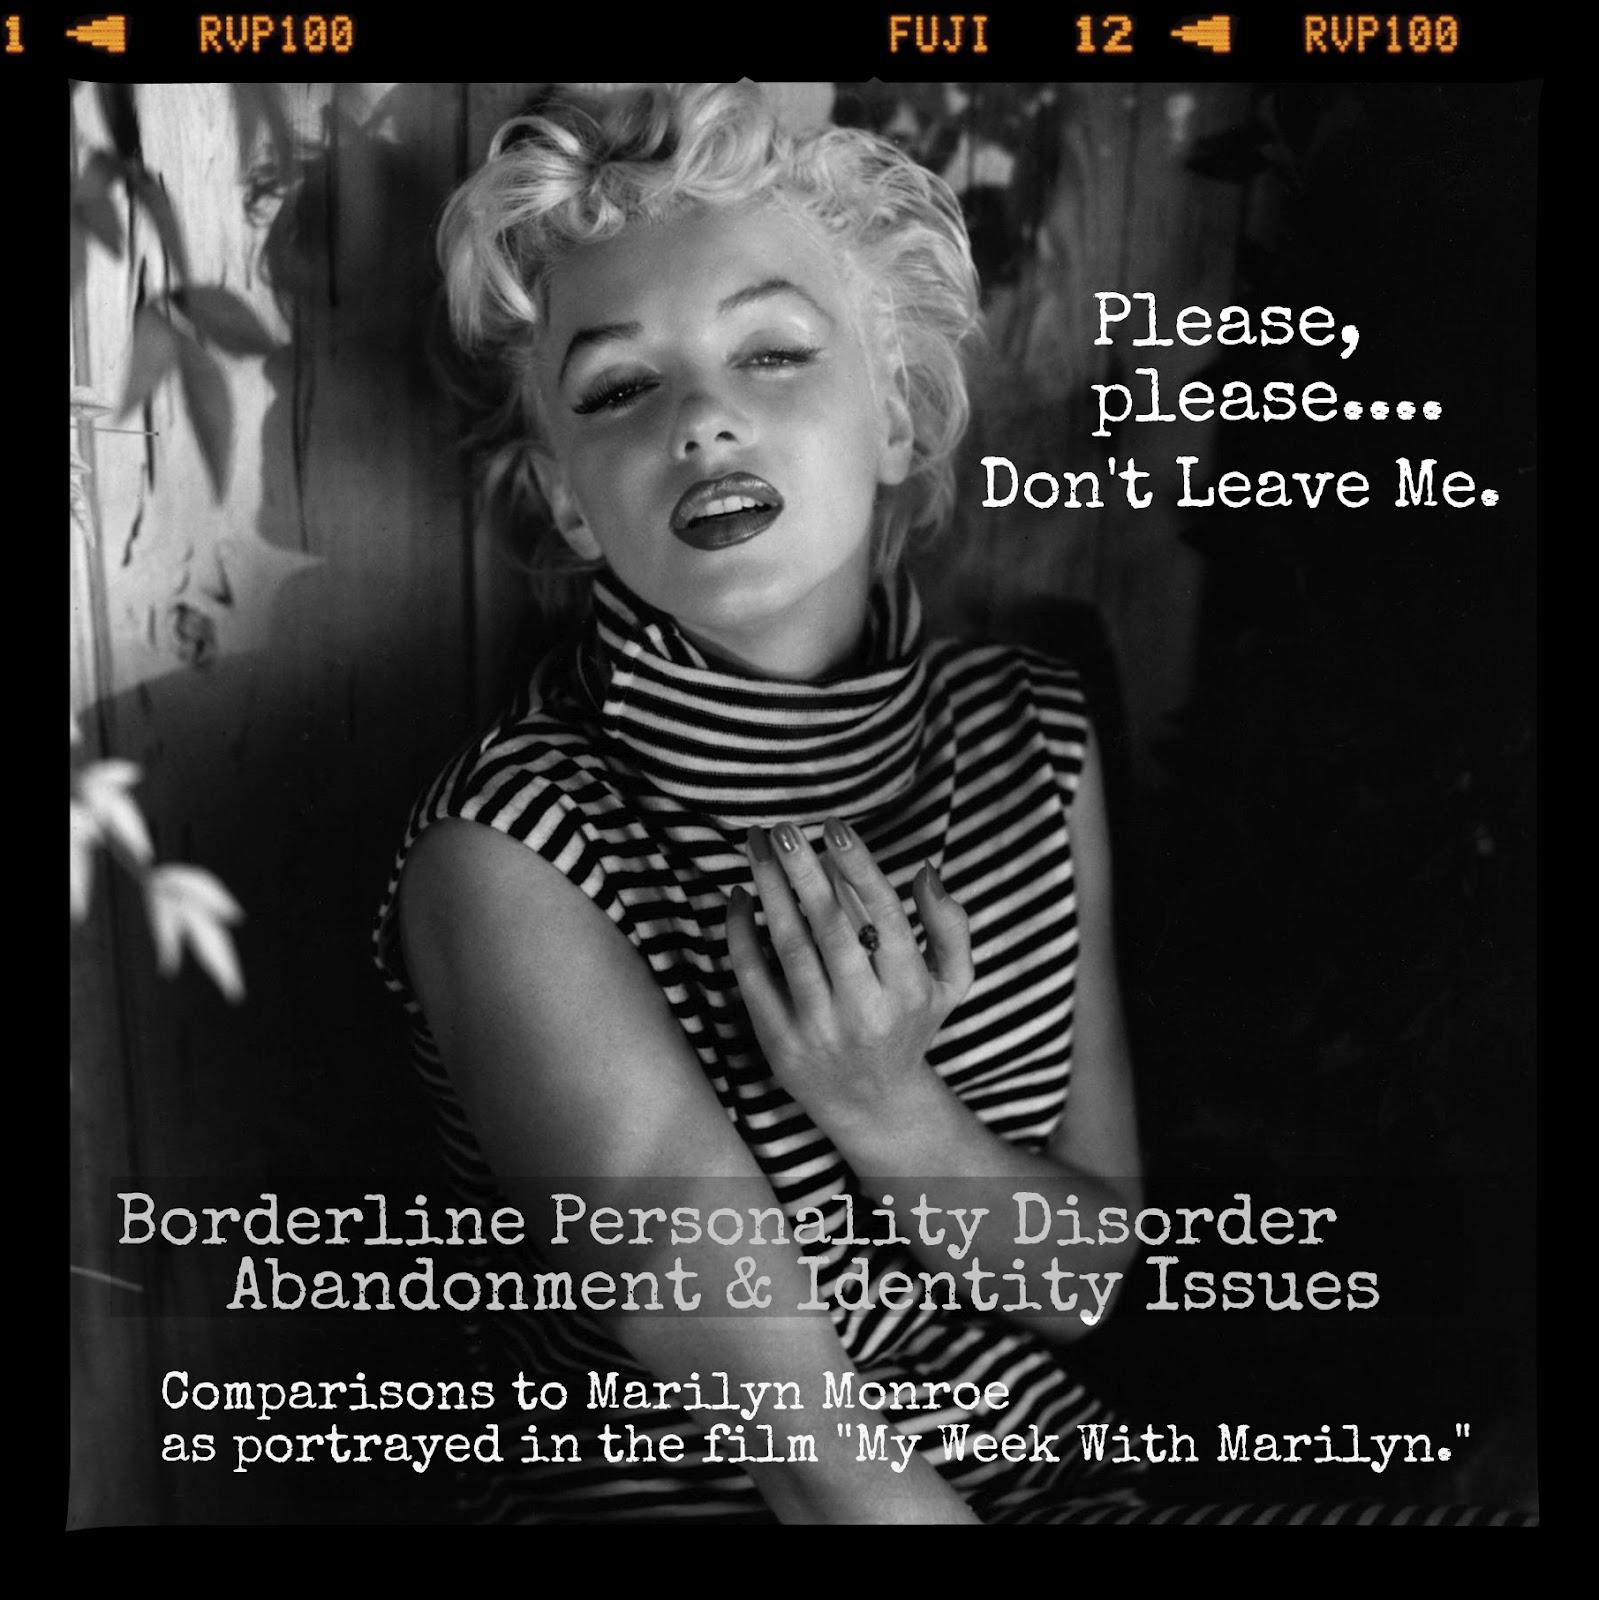 http://2.bp.blogspot.com/-qSZ_ya2pcFA/UBnEbTgcmGI/AAAAAAAABsg/p4U3BYOg9ls/s1600/marilyn+monroe+borderline+personality+disorder.jpg